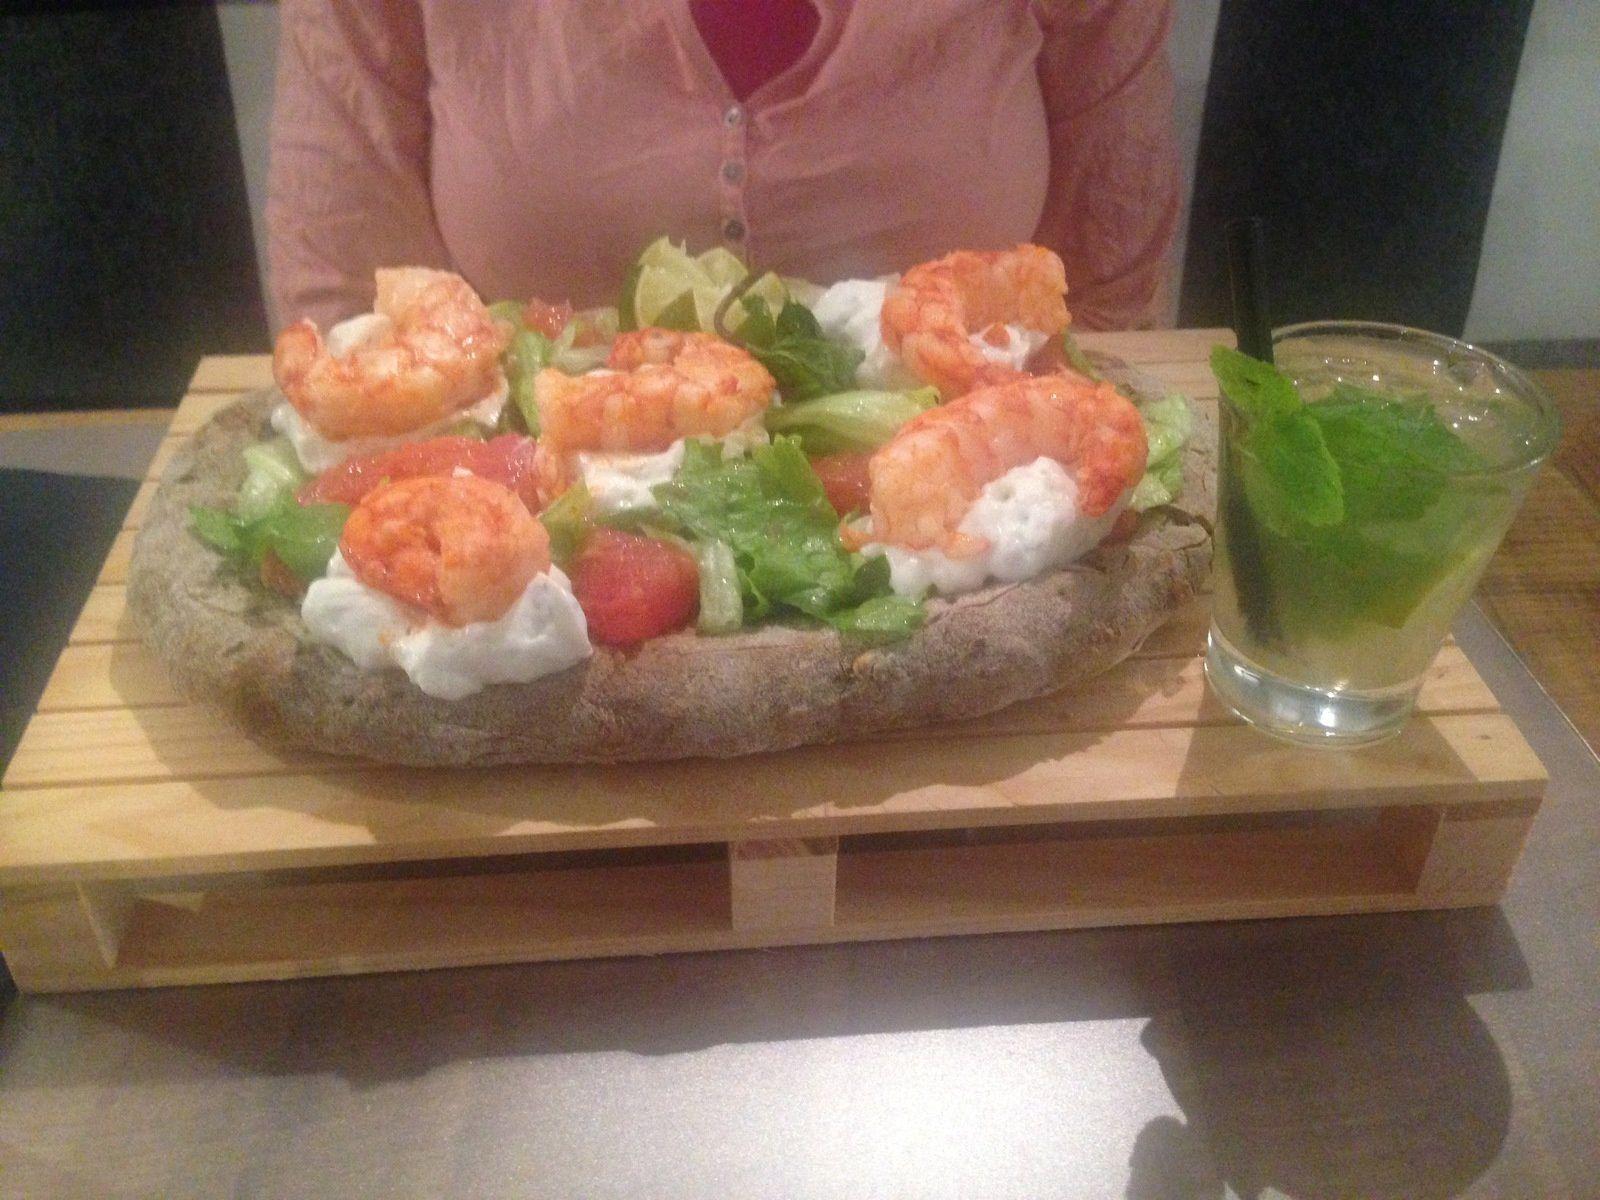 La pizza d'Helene servi avec un morjito. Exceptionnelle non?.Les crevettes ont étaient flambées au rhum et posées sur un nid de crème fouettée.